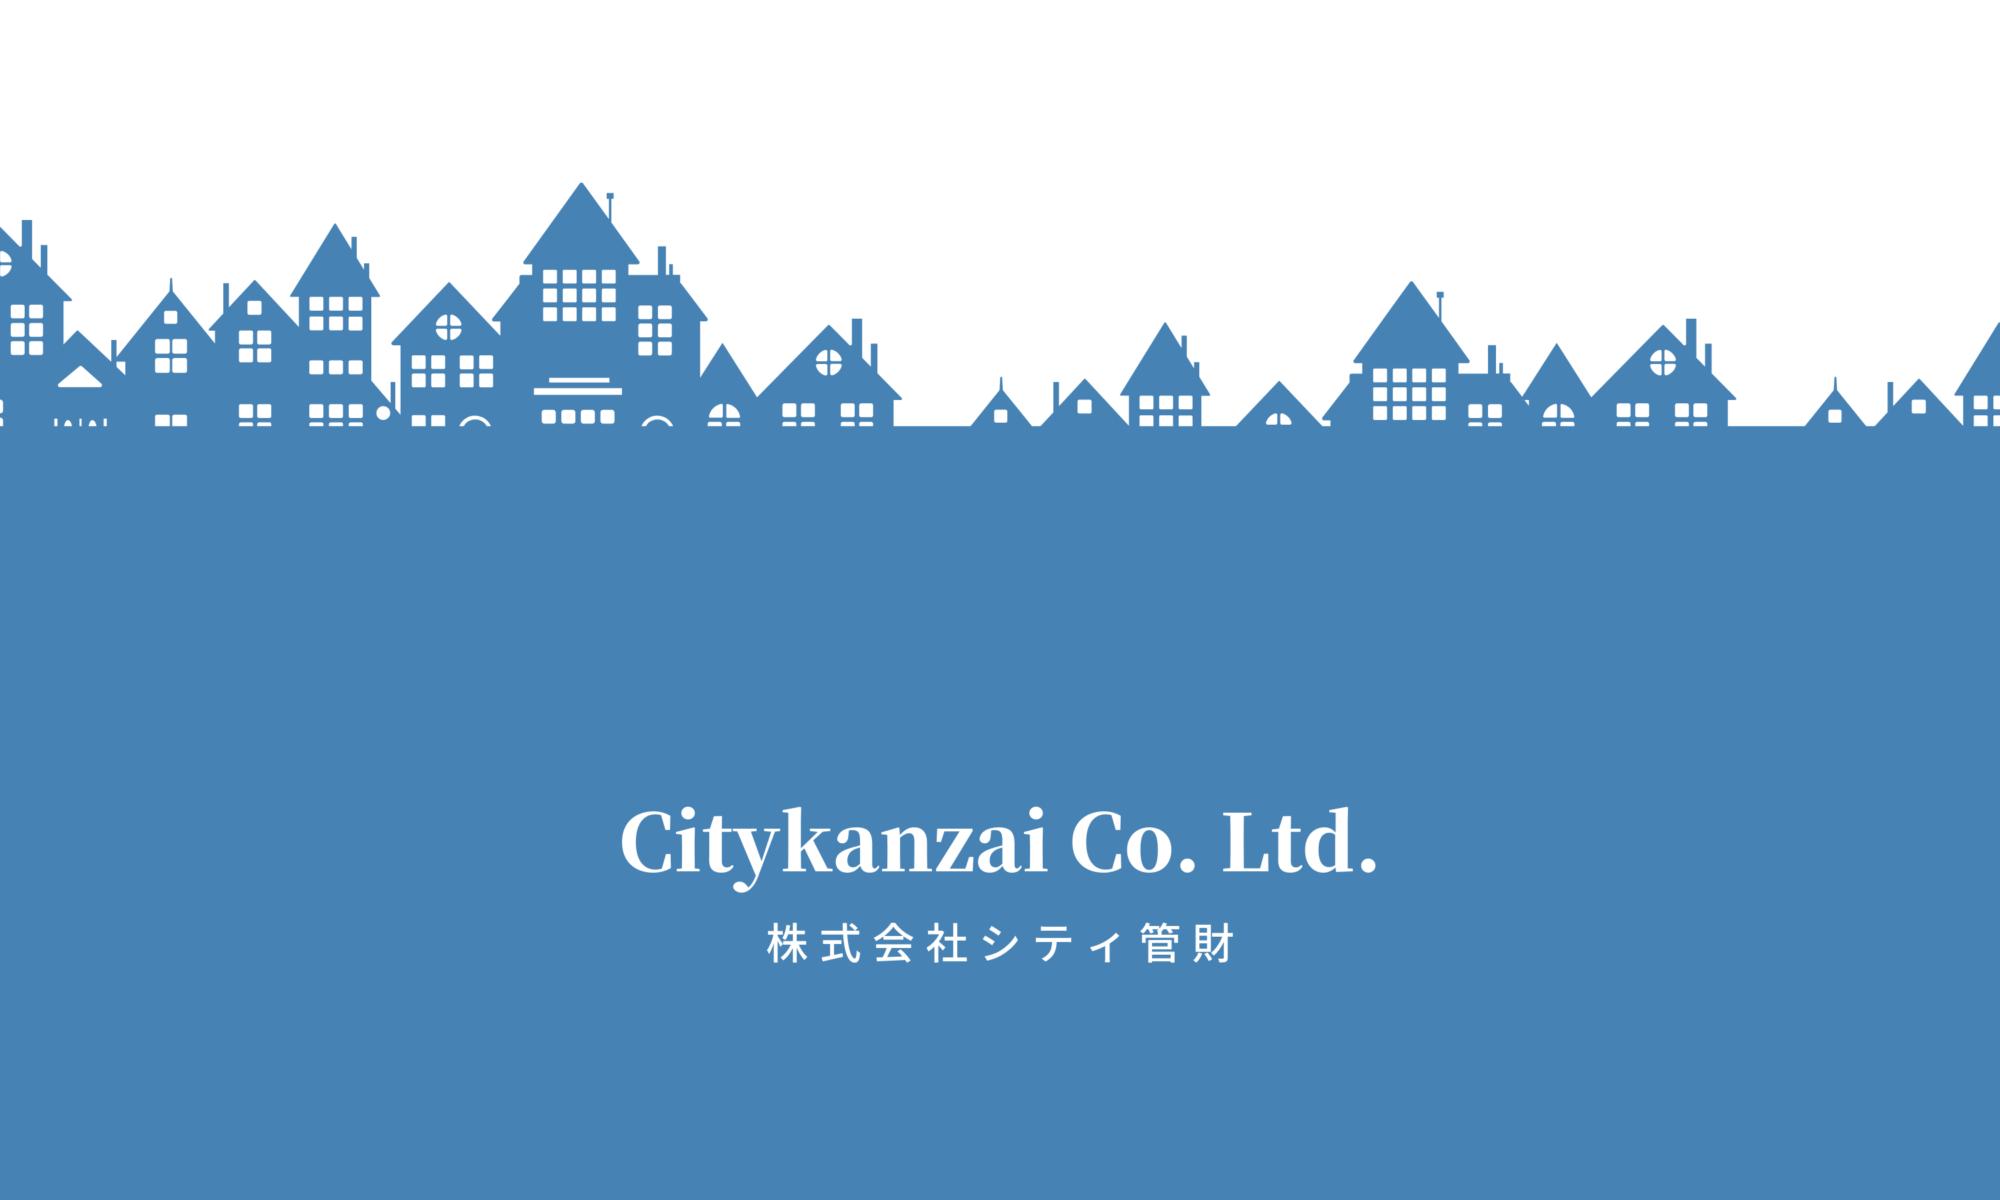 株式会社シティ管財